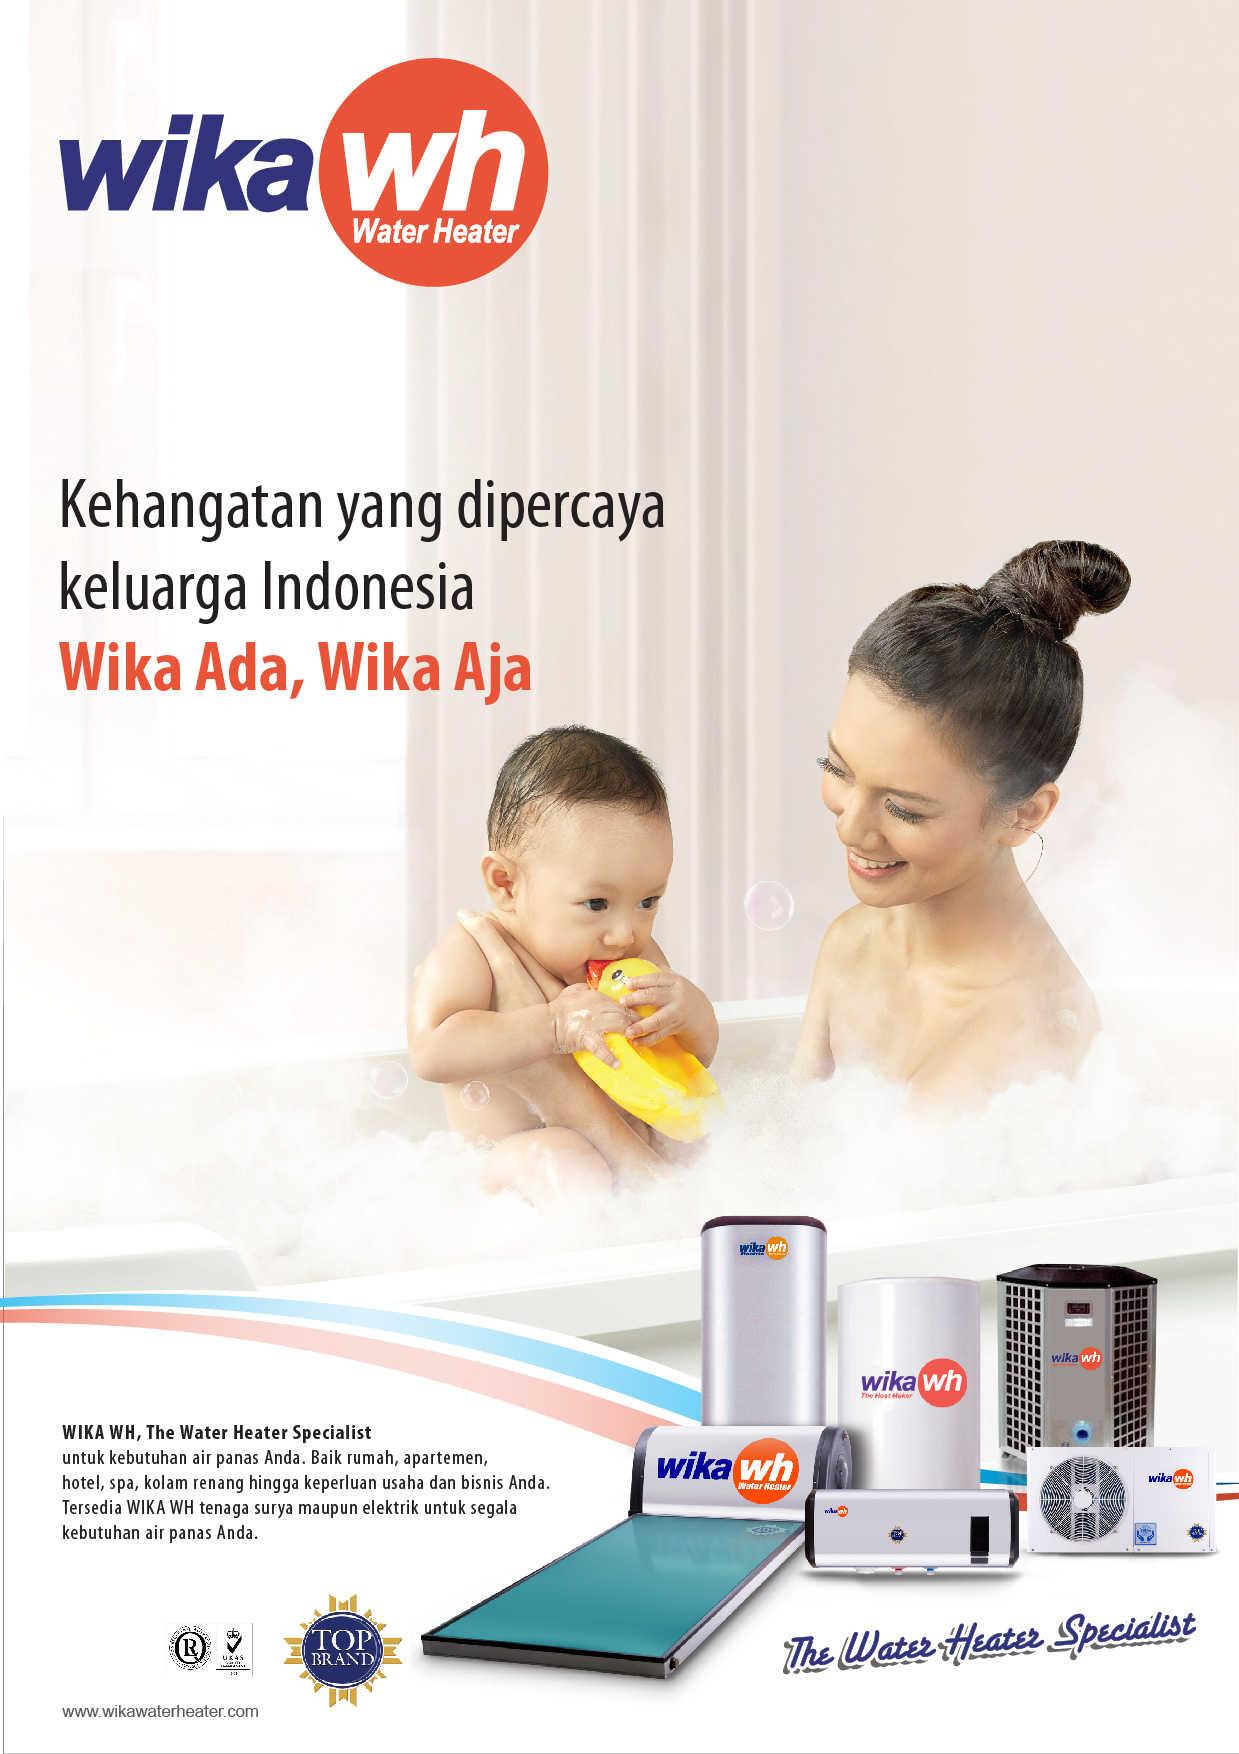 FA_Wika wh_print ad ynz-01